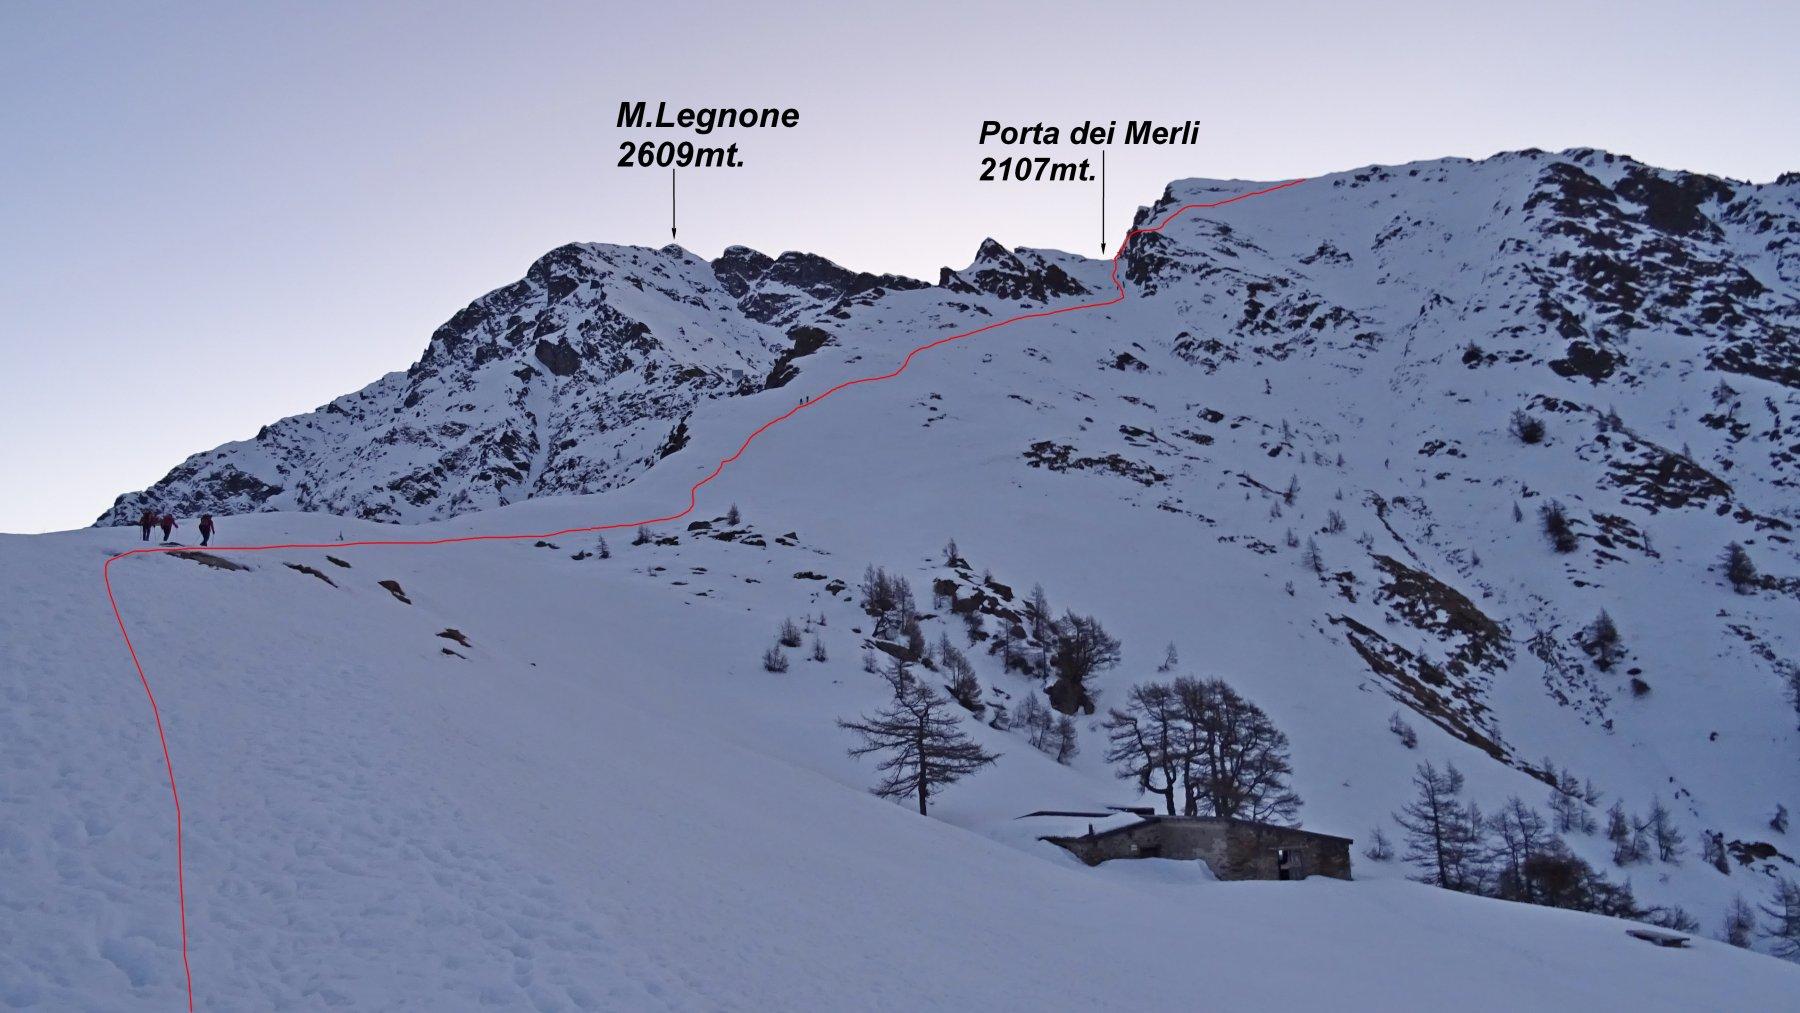 In rosso la traccia che porta alla Porta dei Merli.